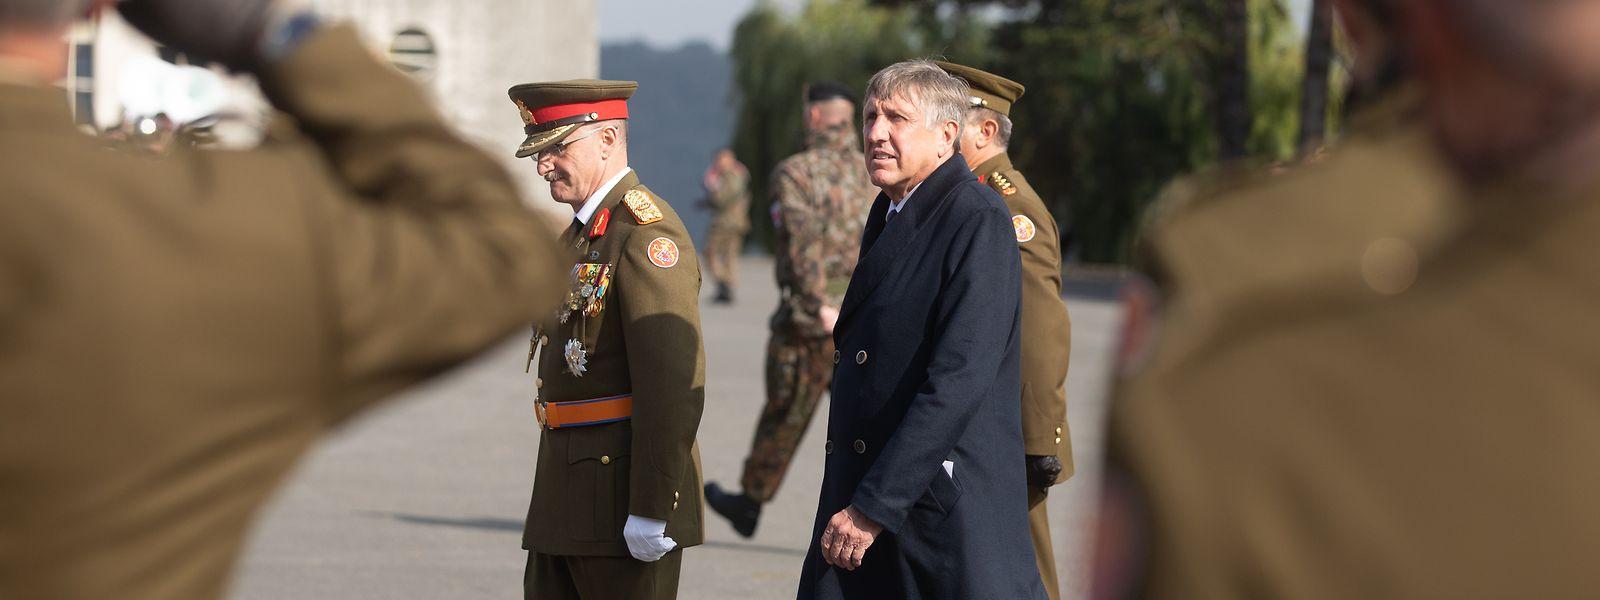 Le ministre de la Défense luxembourgeois doit rencontrer son homologue belge le 7 juillet prochain pour signer un premier accord de principe.